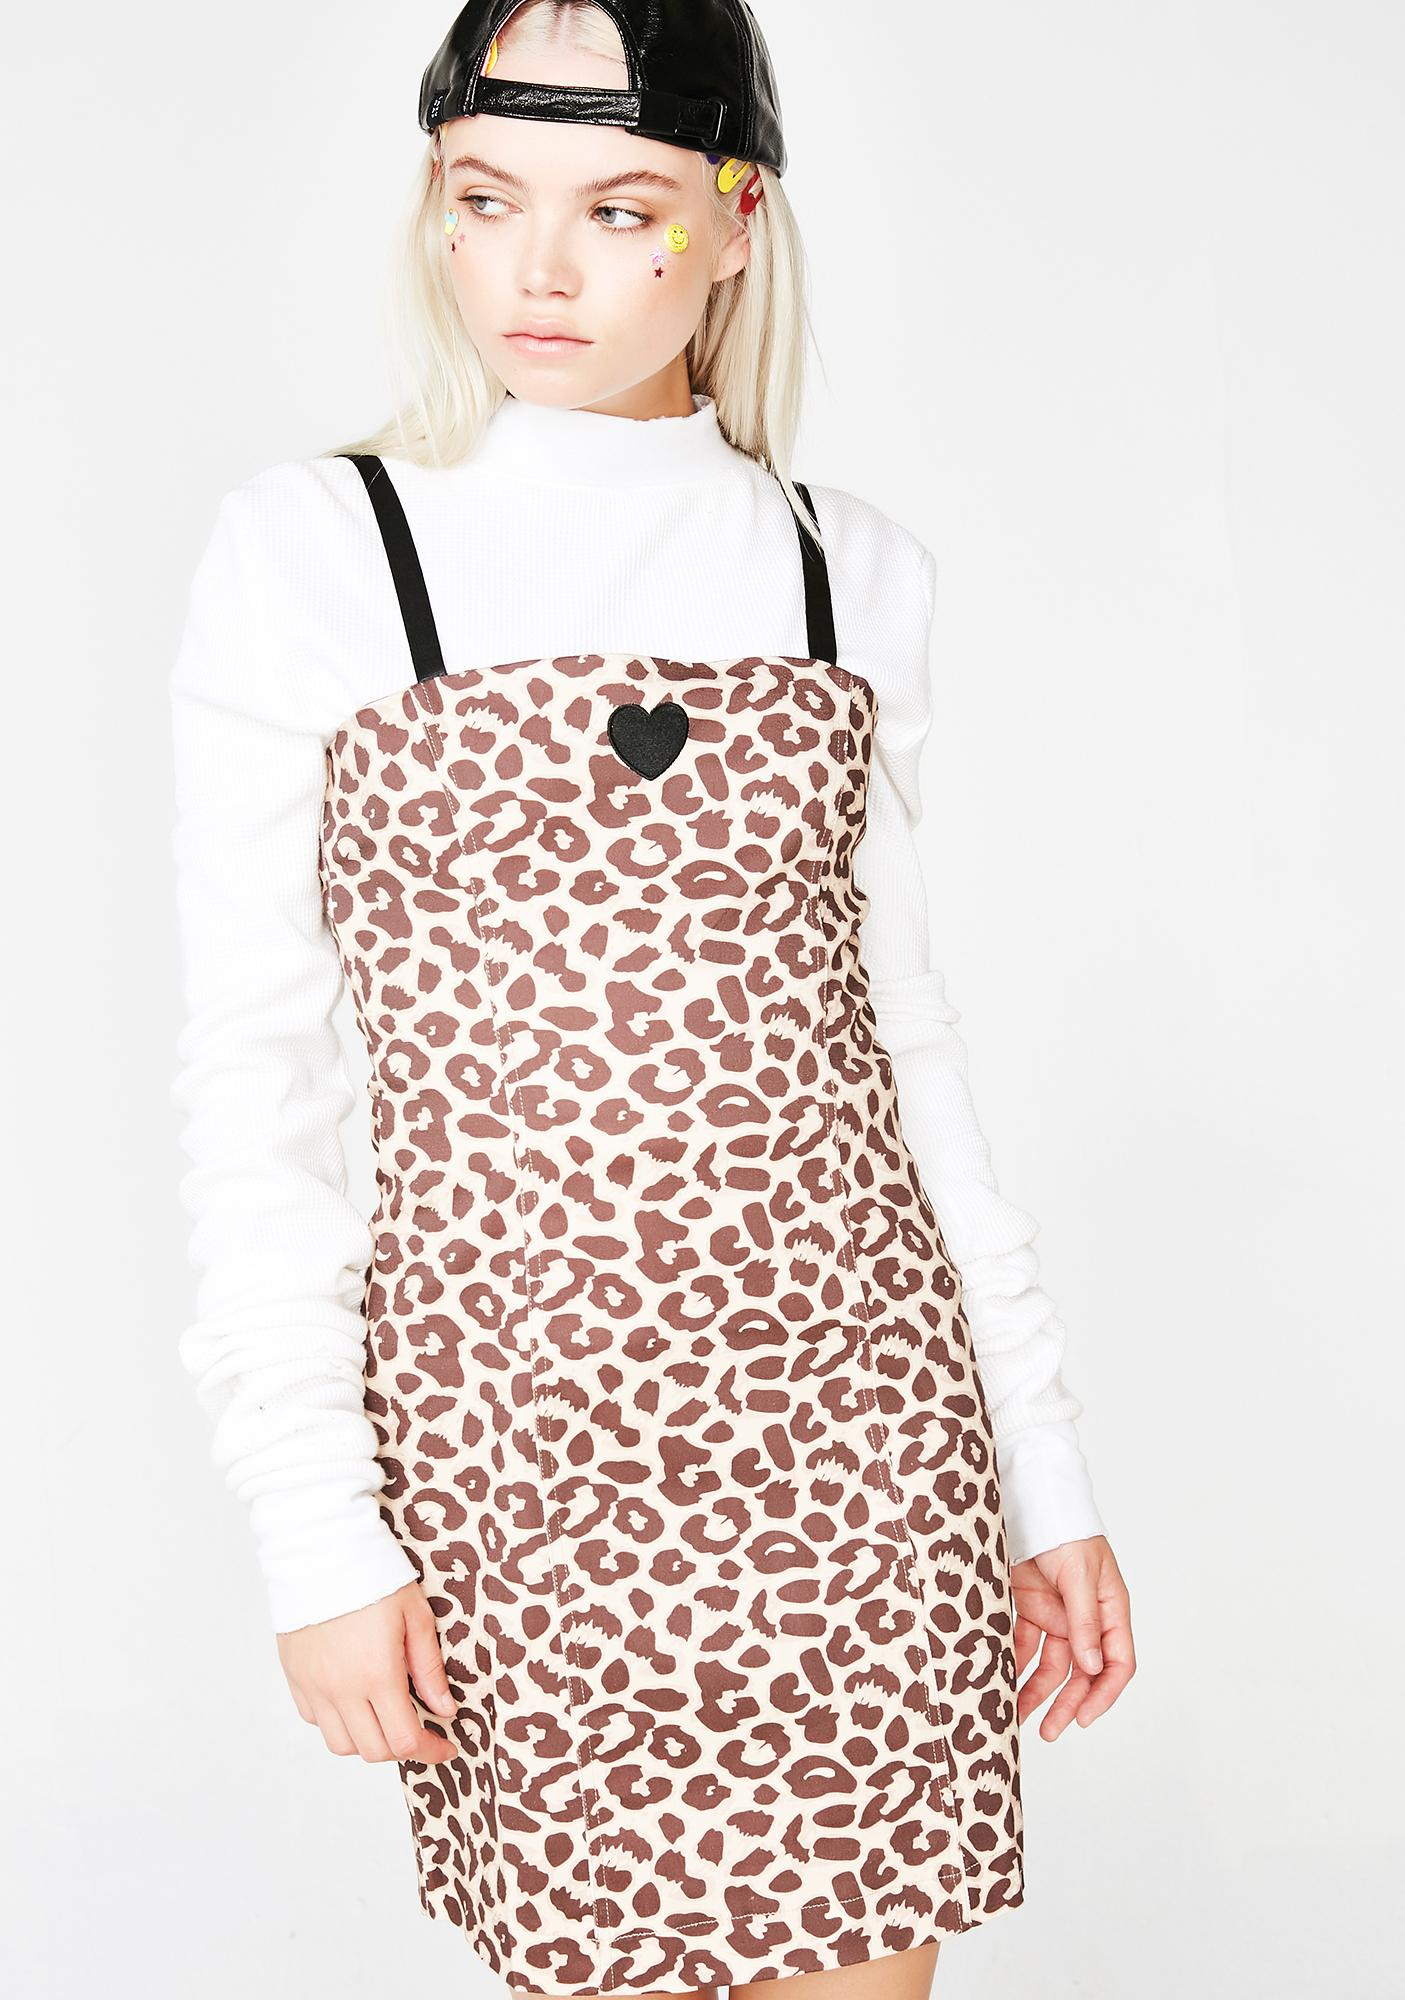 d873b549f1 Leopard Heart Dress